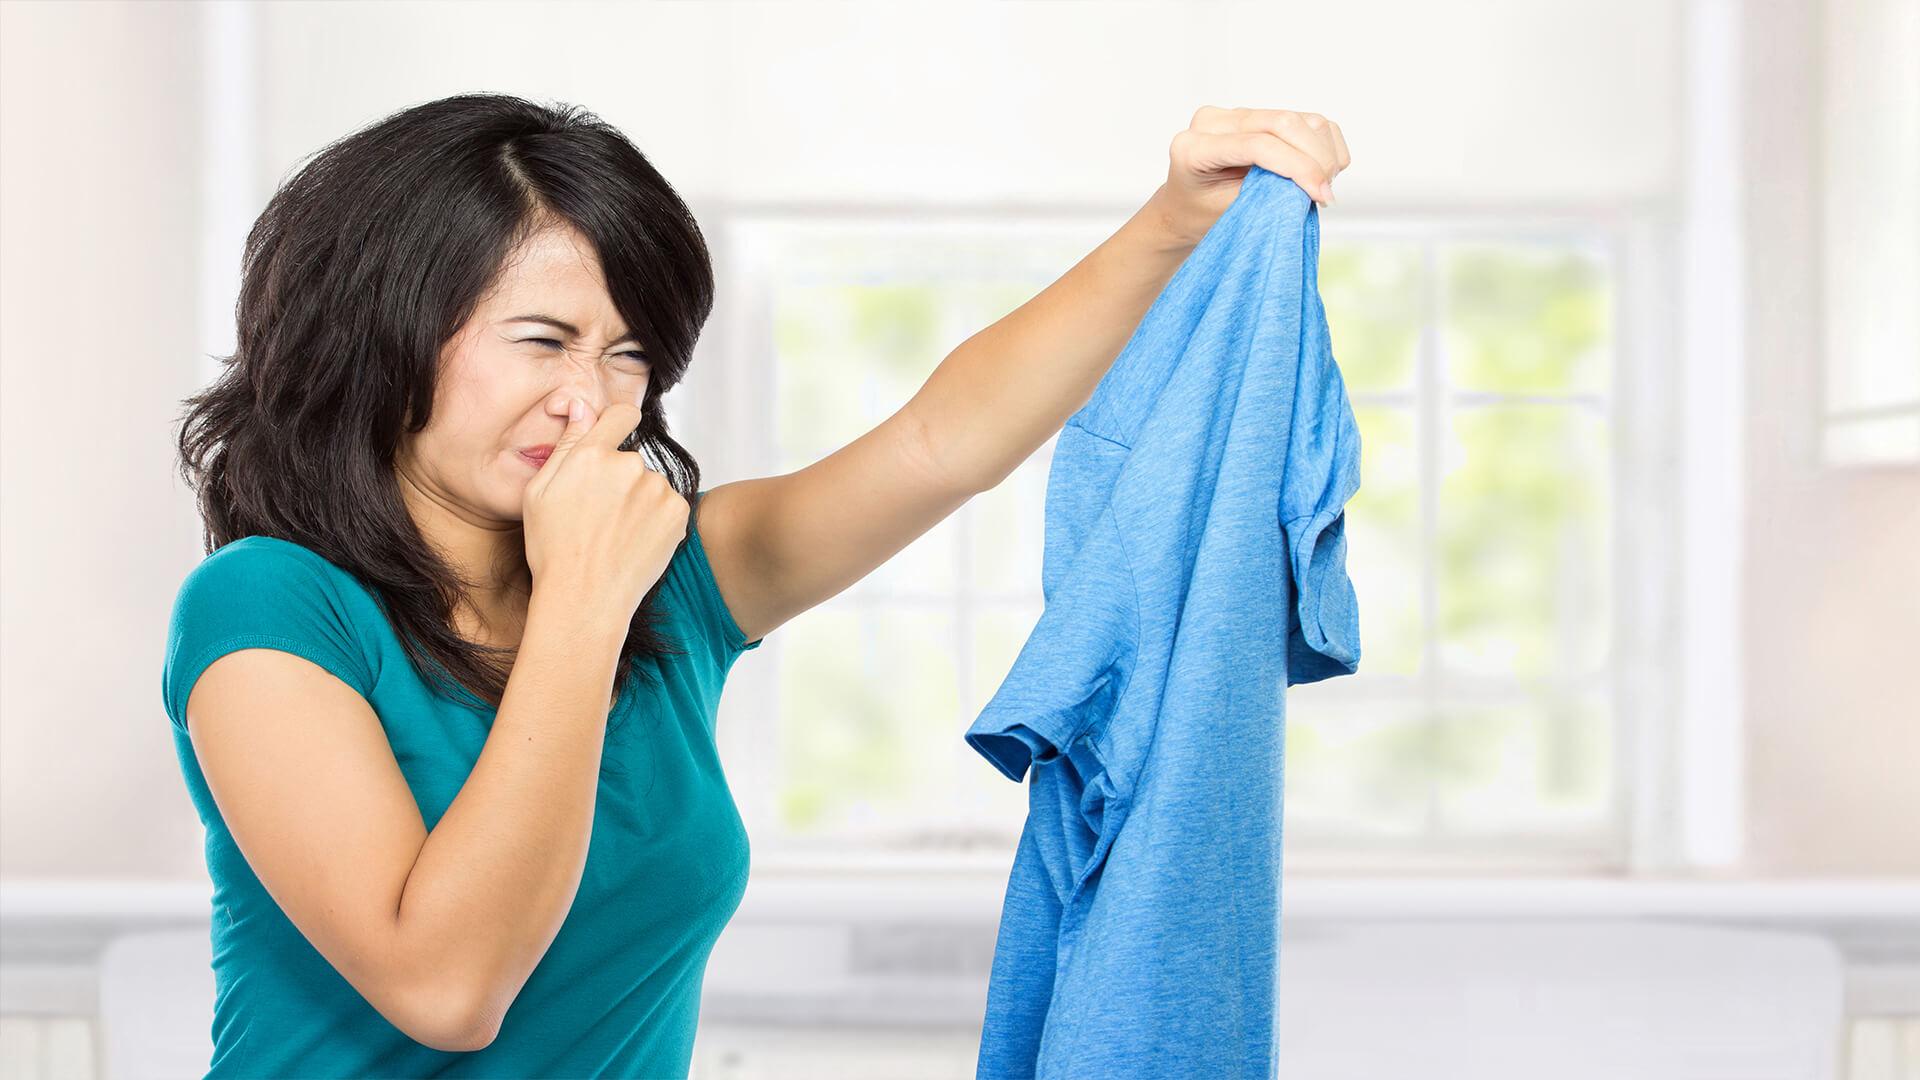 Ozonbehandlung bei Kleidung Wäsche stinkt